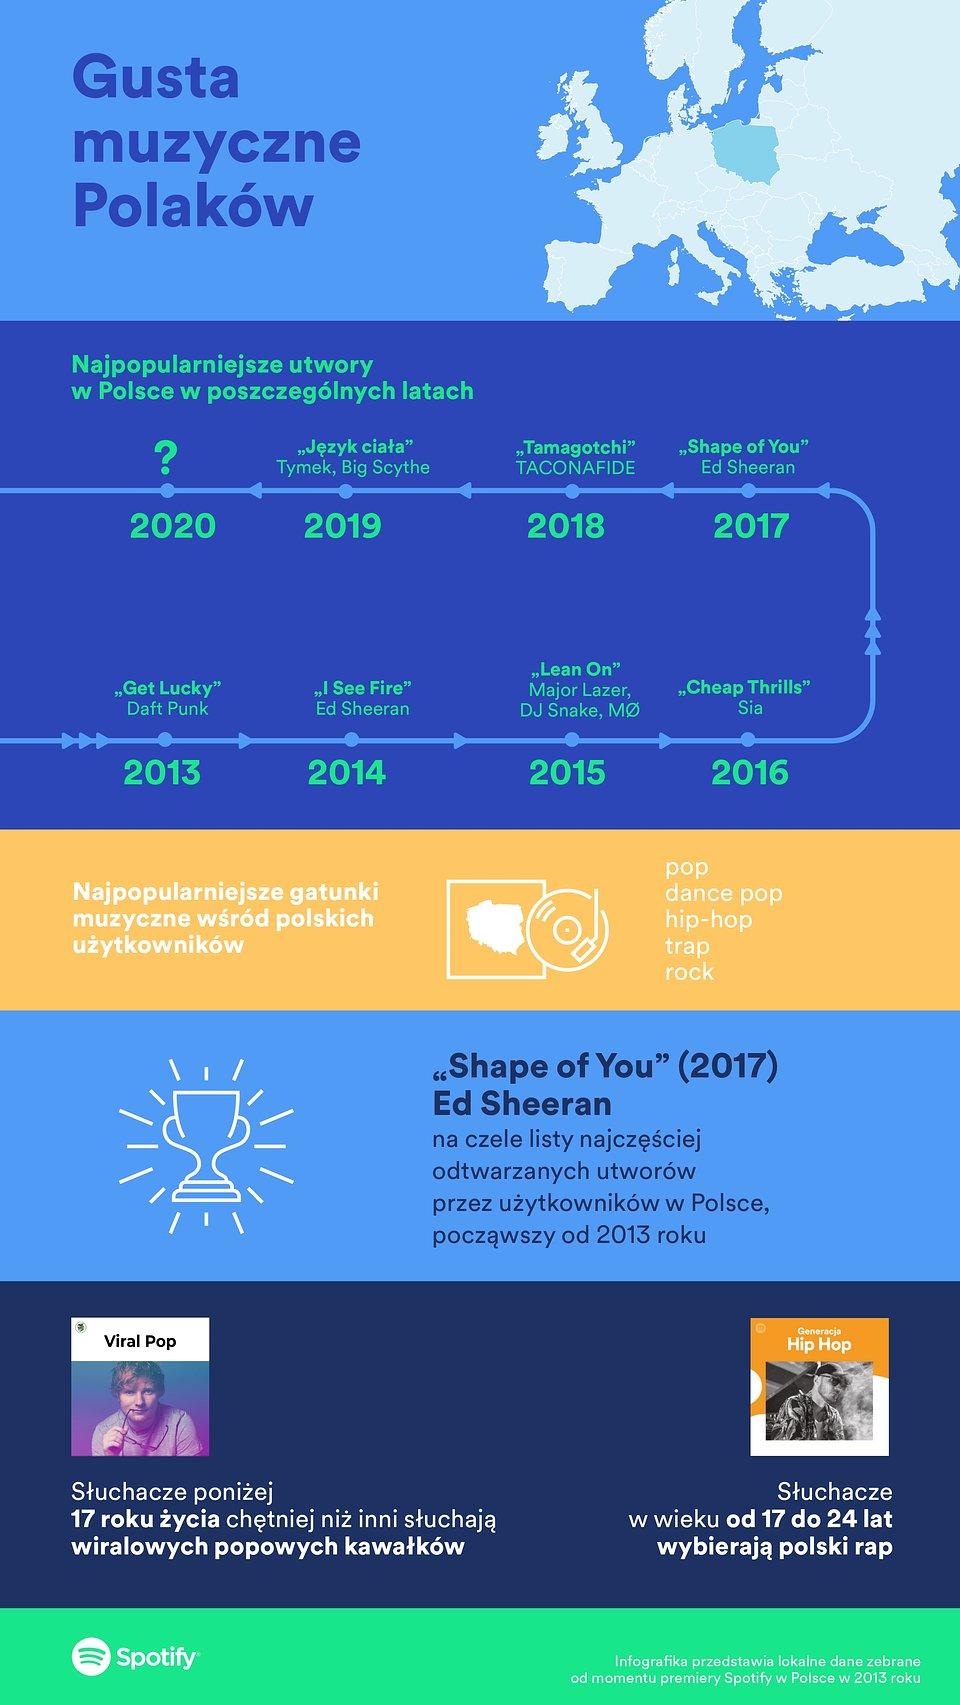 Spotify: gusta muzyczne Polaków (2013-2019) - infografika